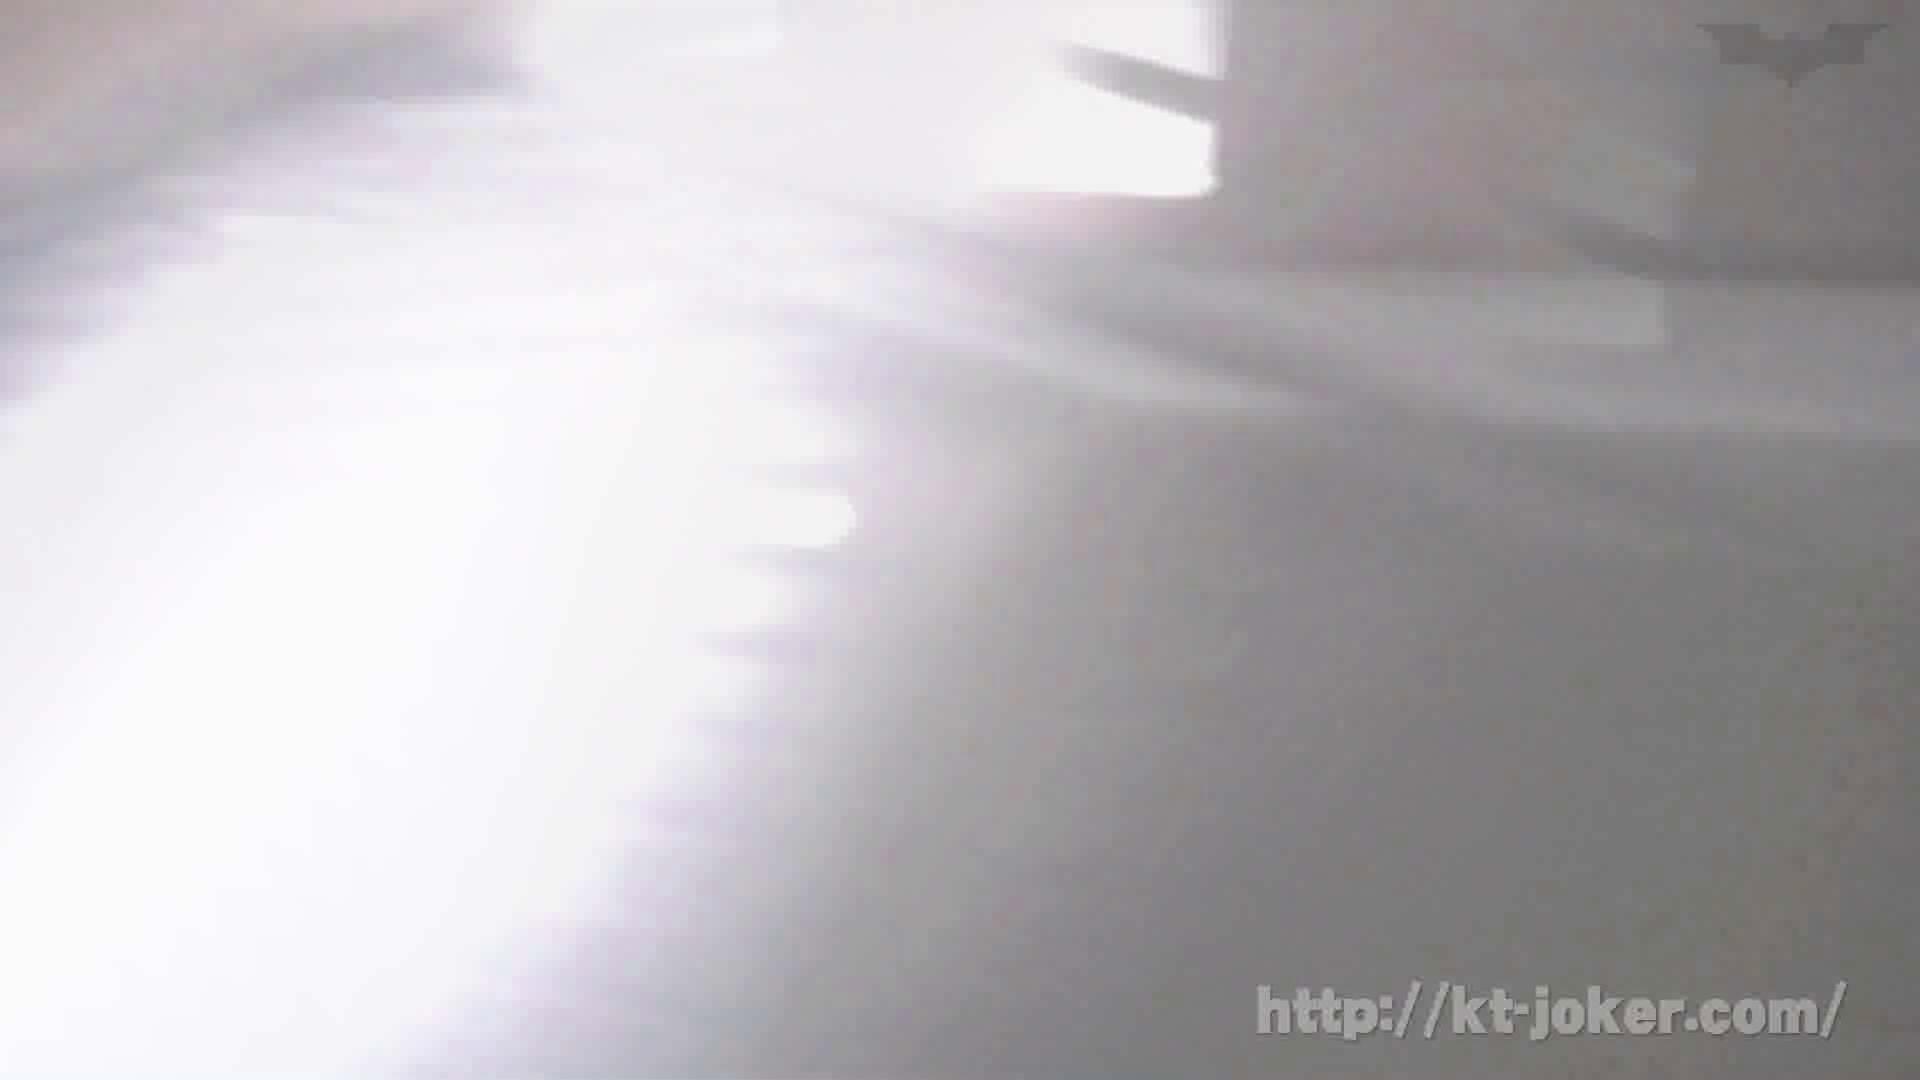 命がけ潜伏洗面所! vol.68 レベルアップ!! プライベート投稿  109PIX 21